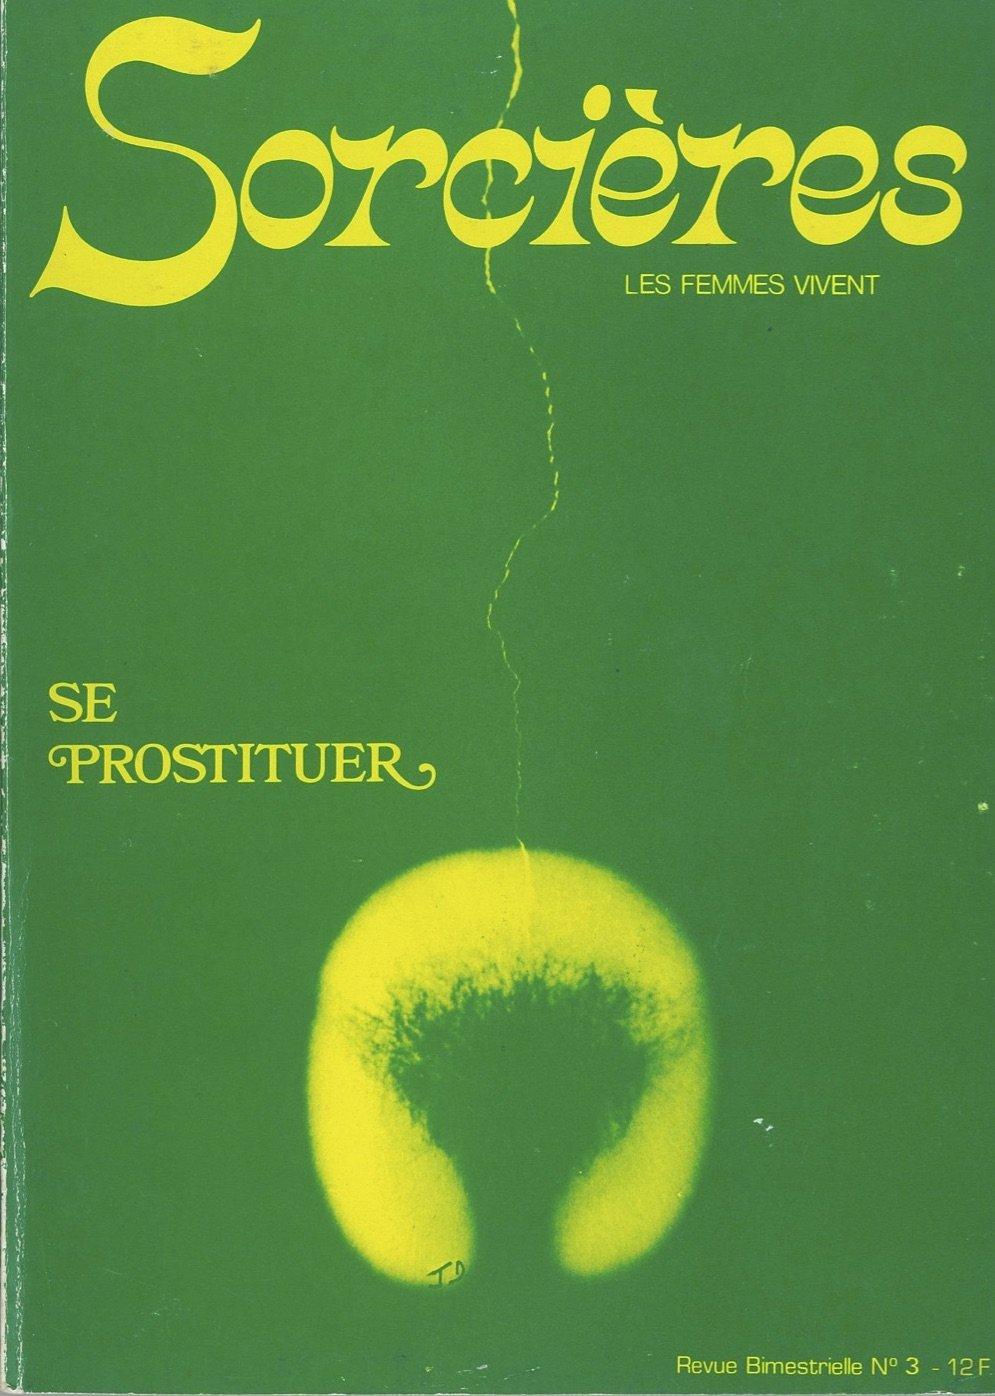 sorciere 8